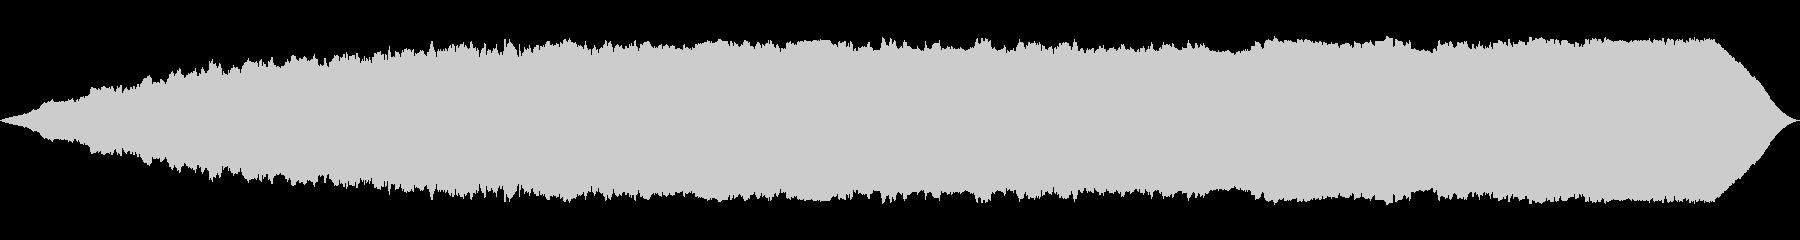 金属スライド:長いホロースイープ、...の未再生の波形